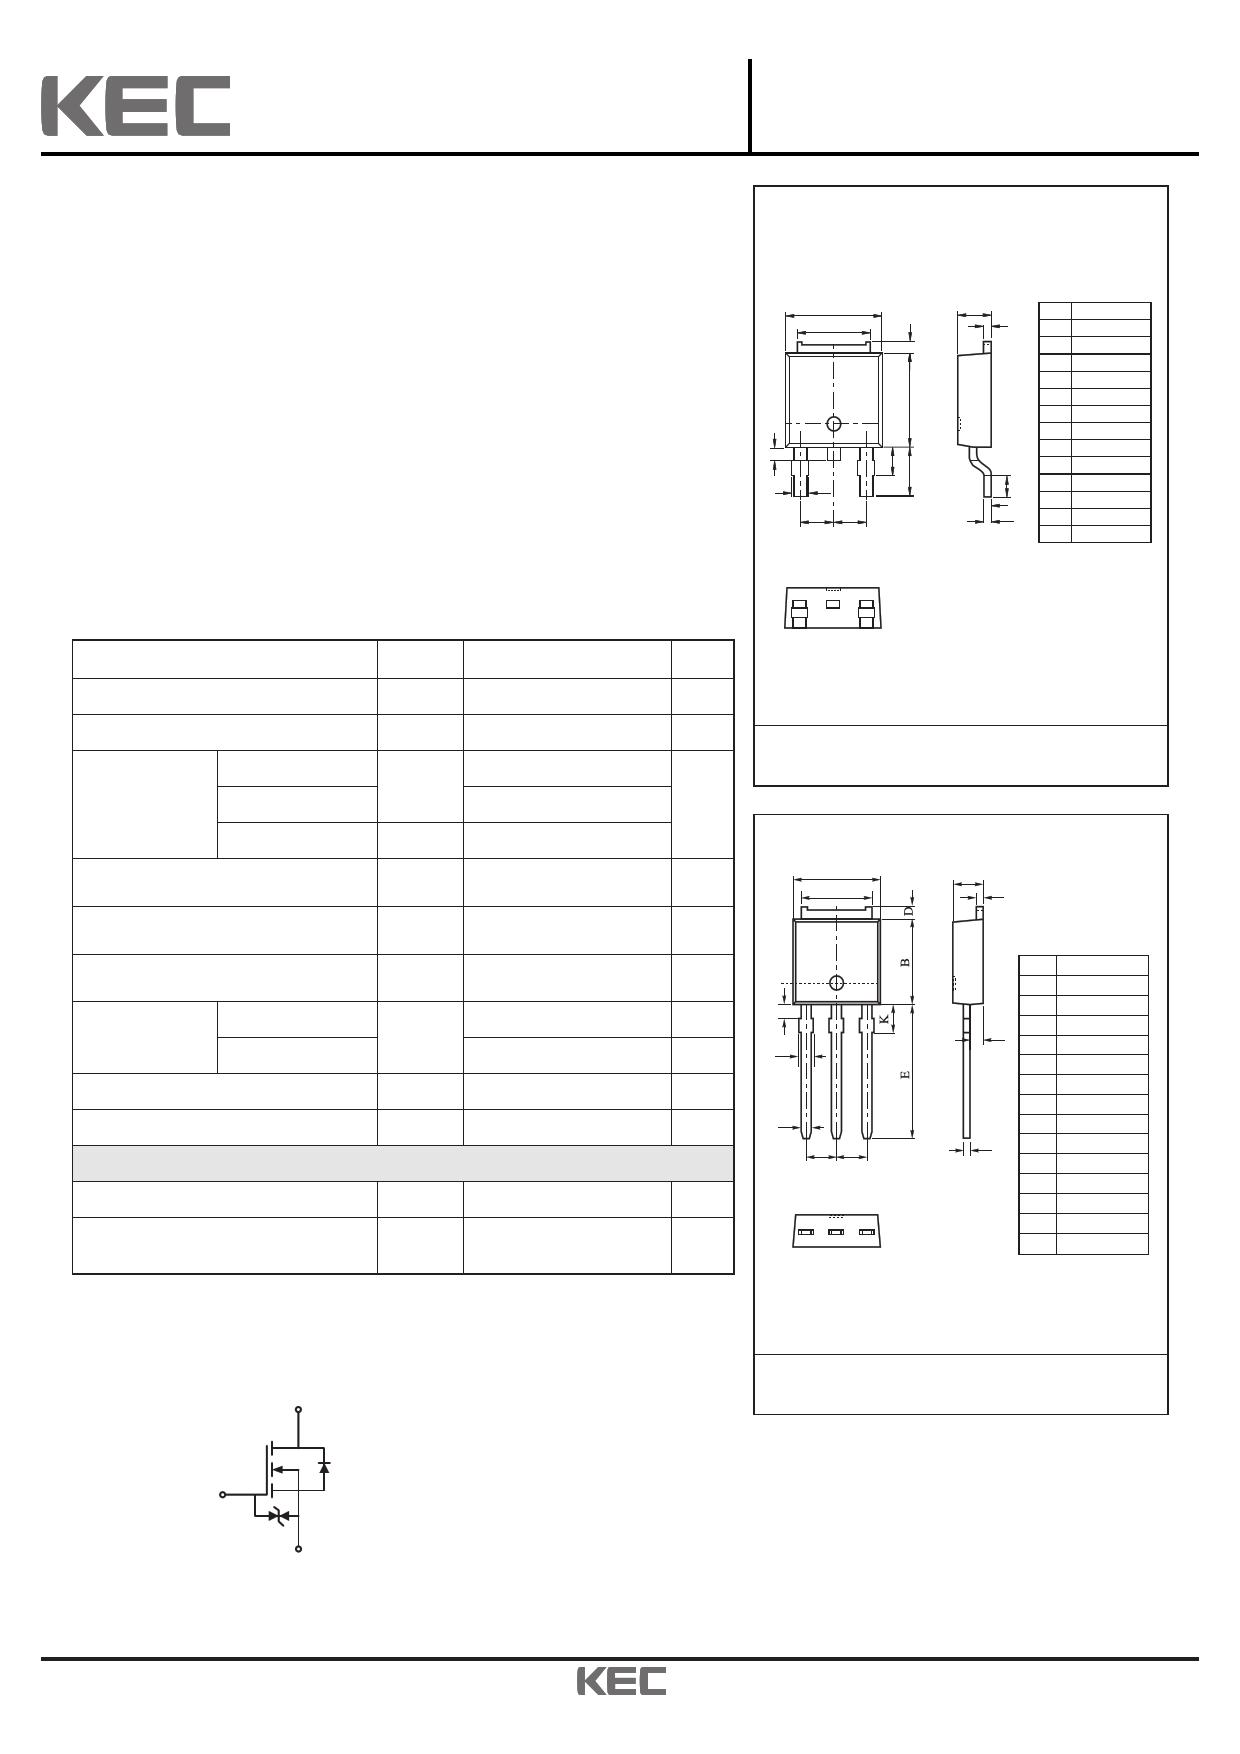 KF3N50IZ datasheet